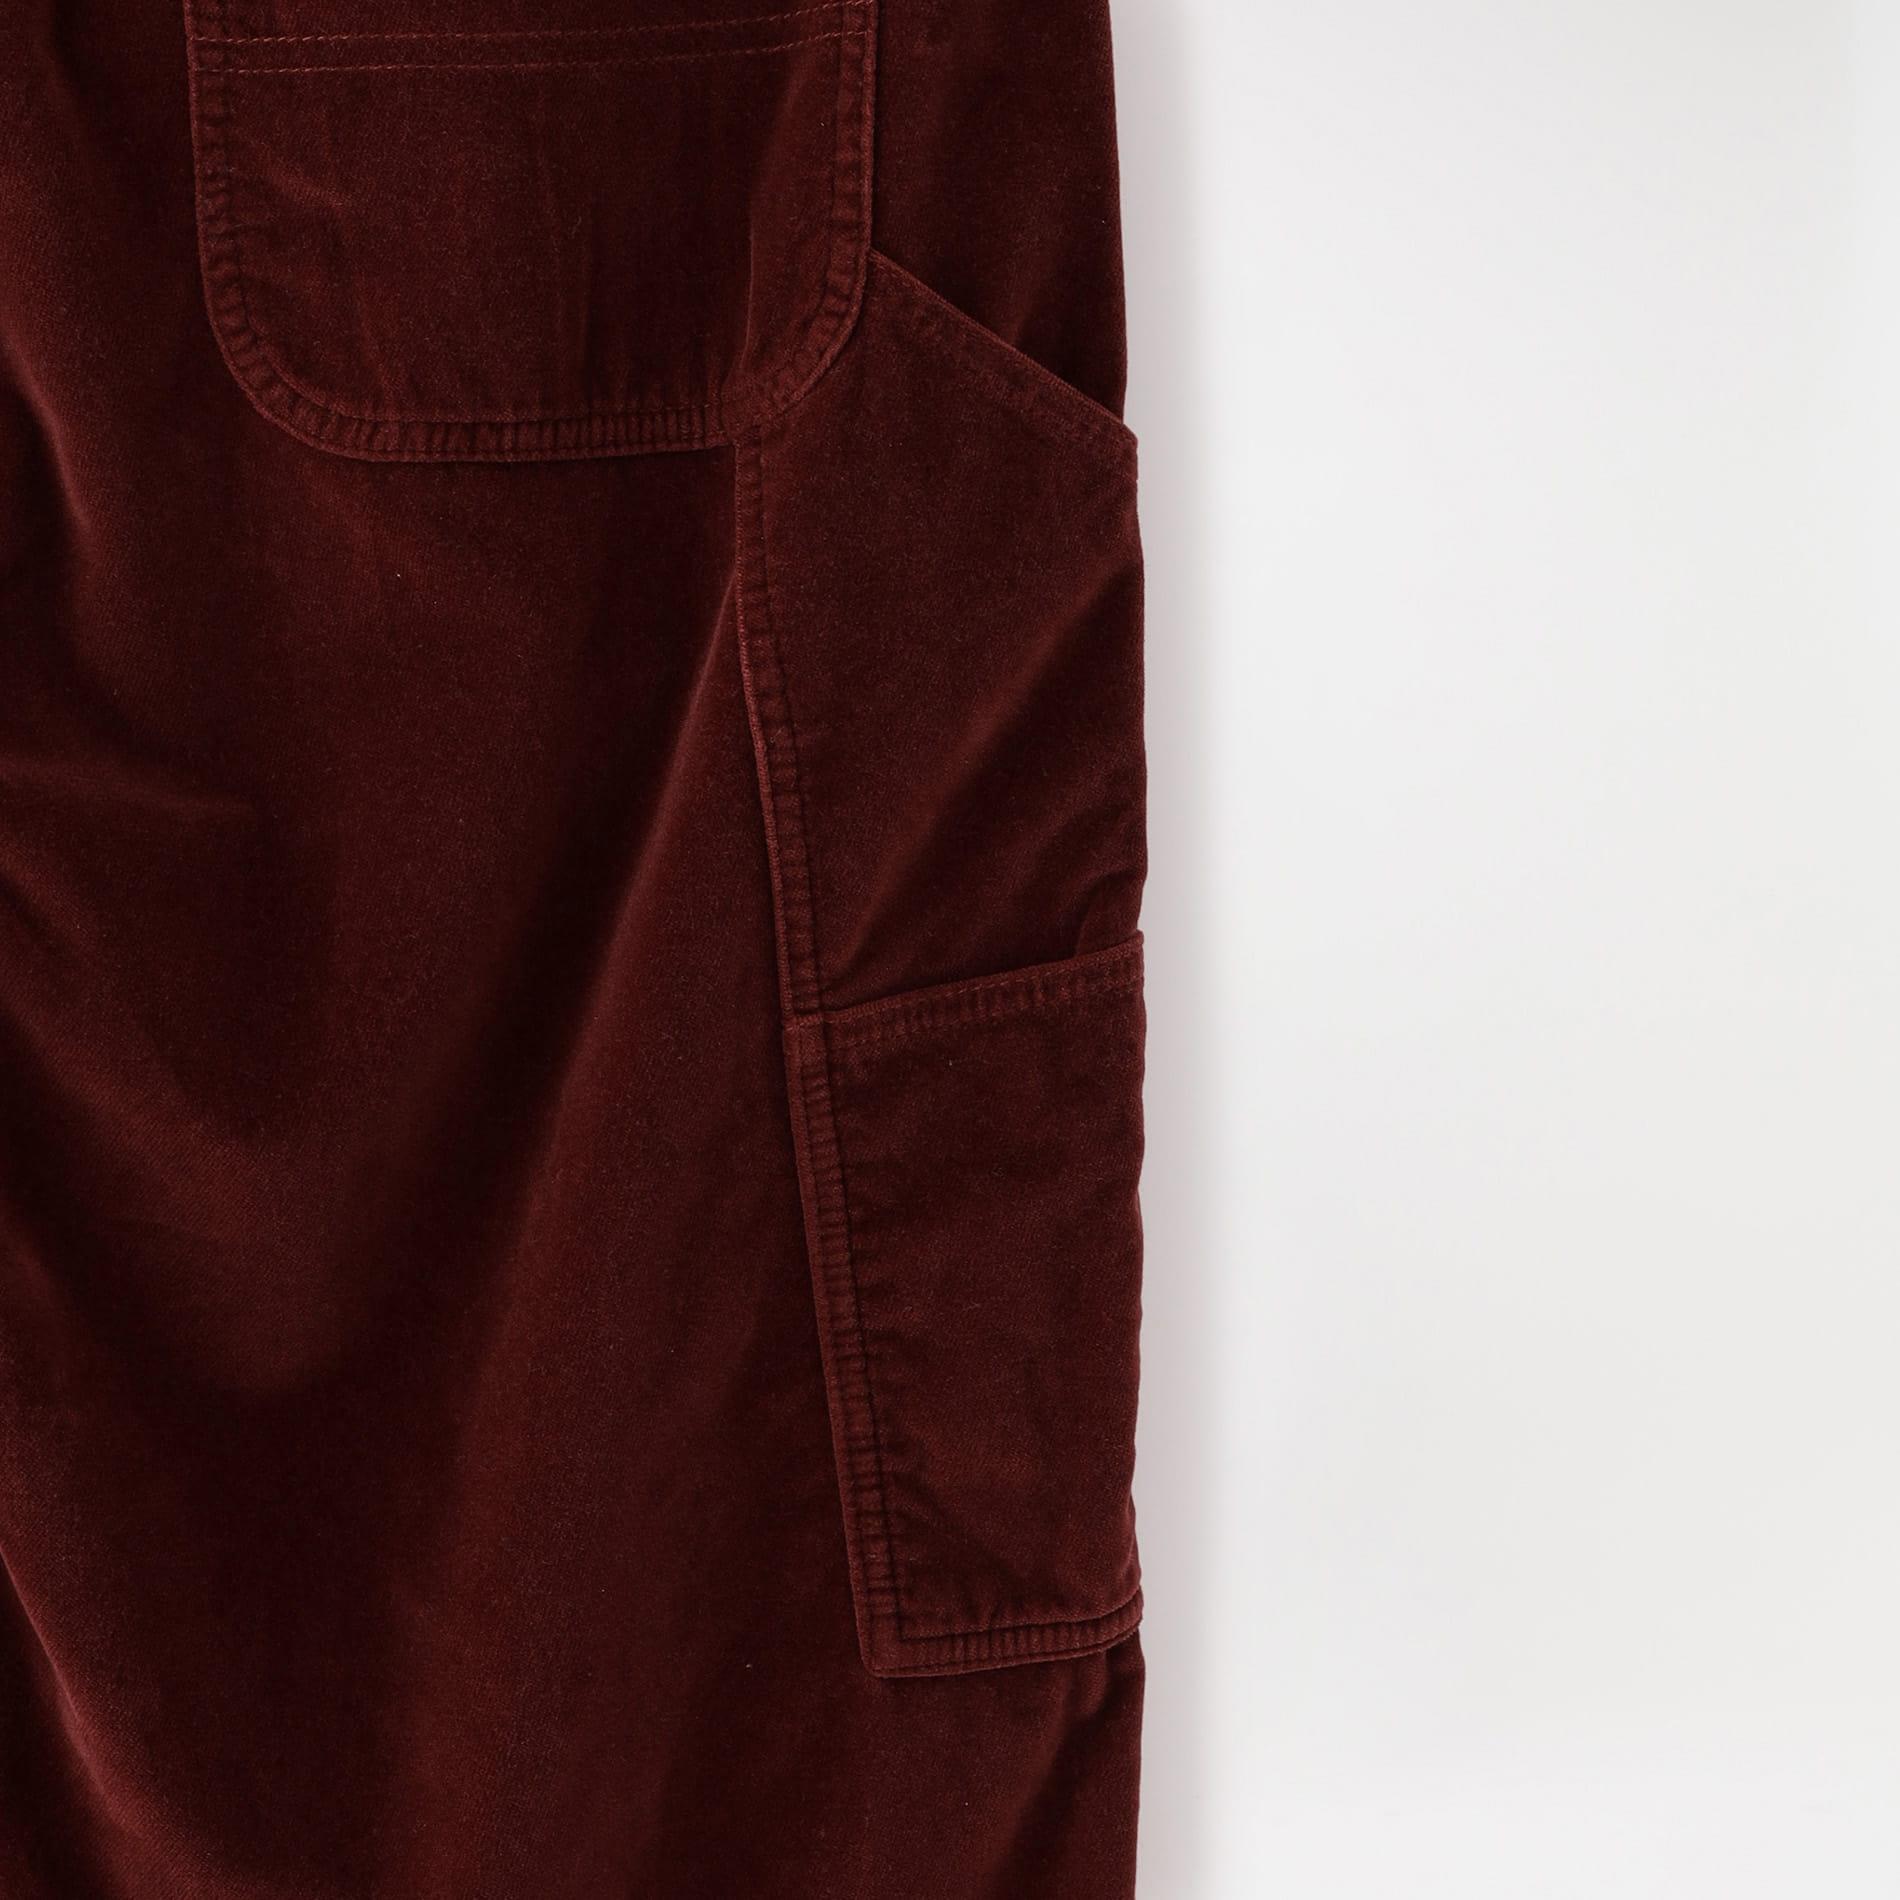 【doublet】MEN パンツ CUT OFF VELVET PANTS 21AW09PT156